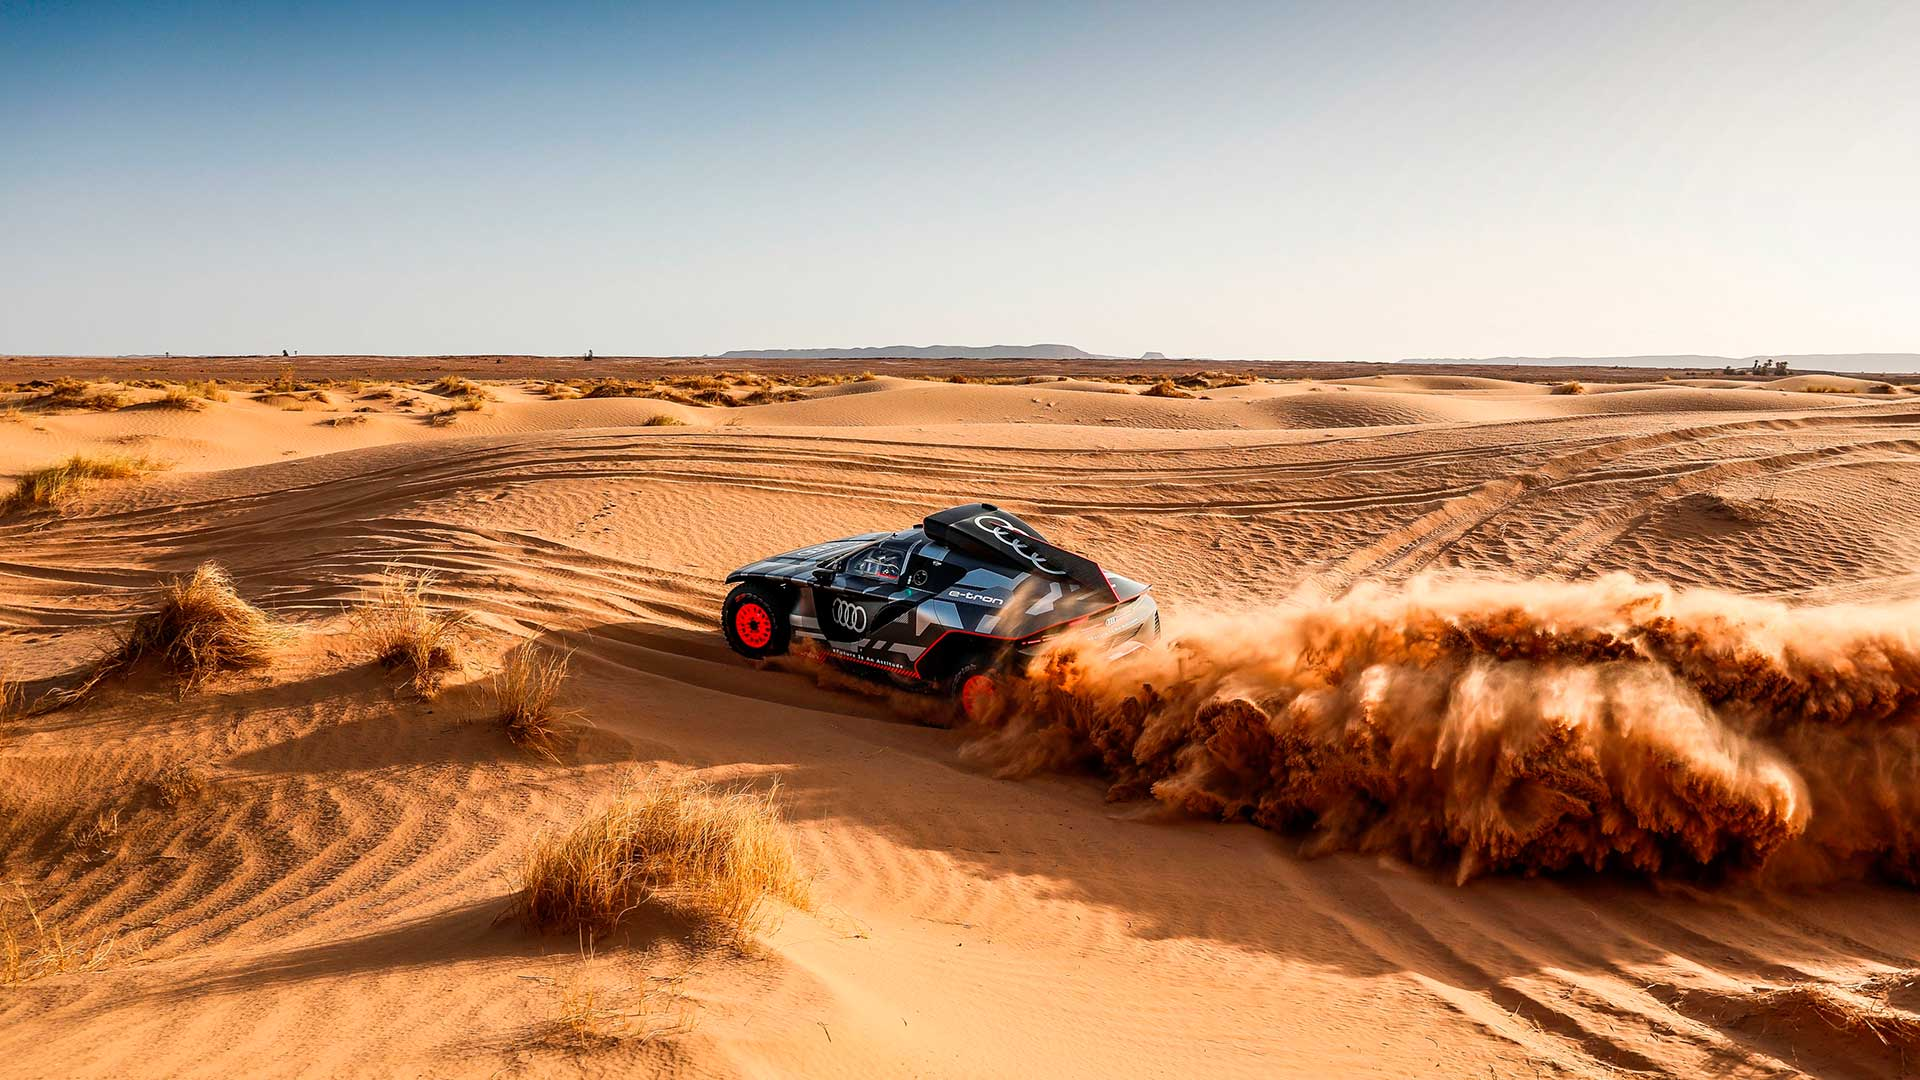 100 días para el Dakar: Audi continúa su preparación para el rally más duro del mundo